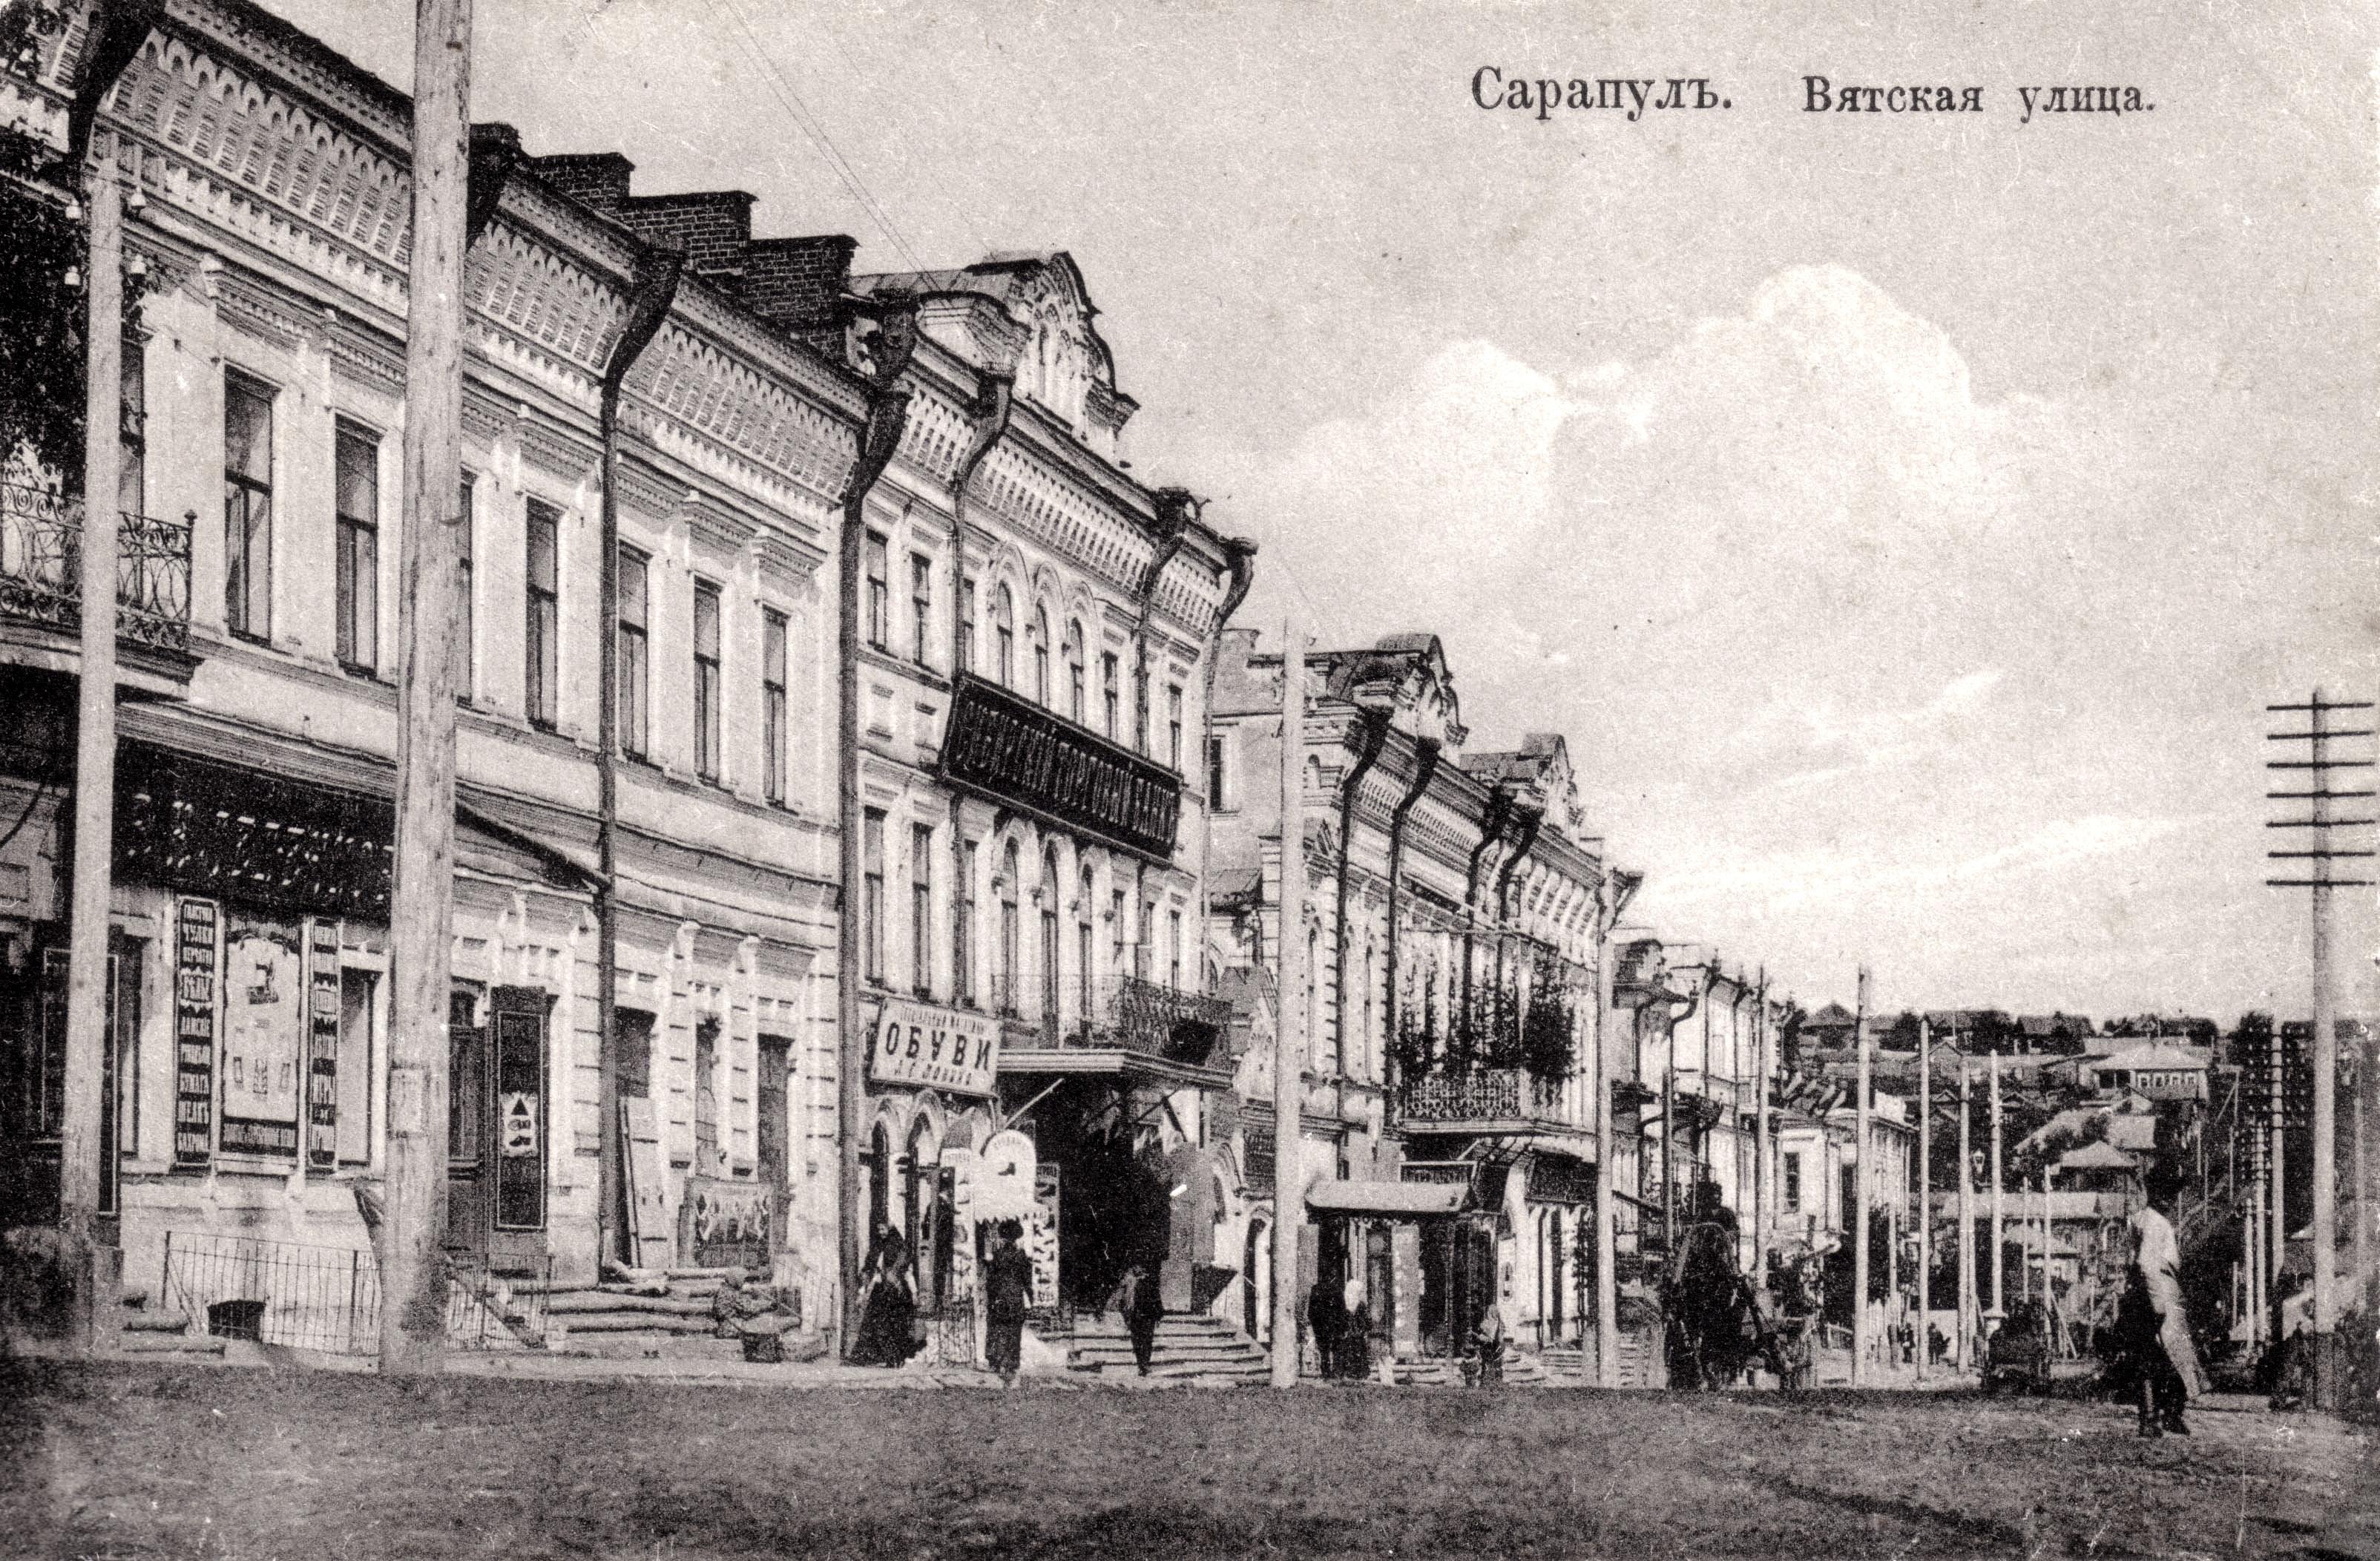 Вятская улица.